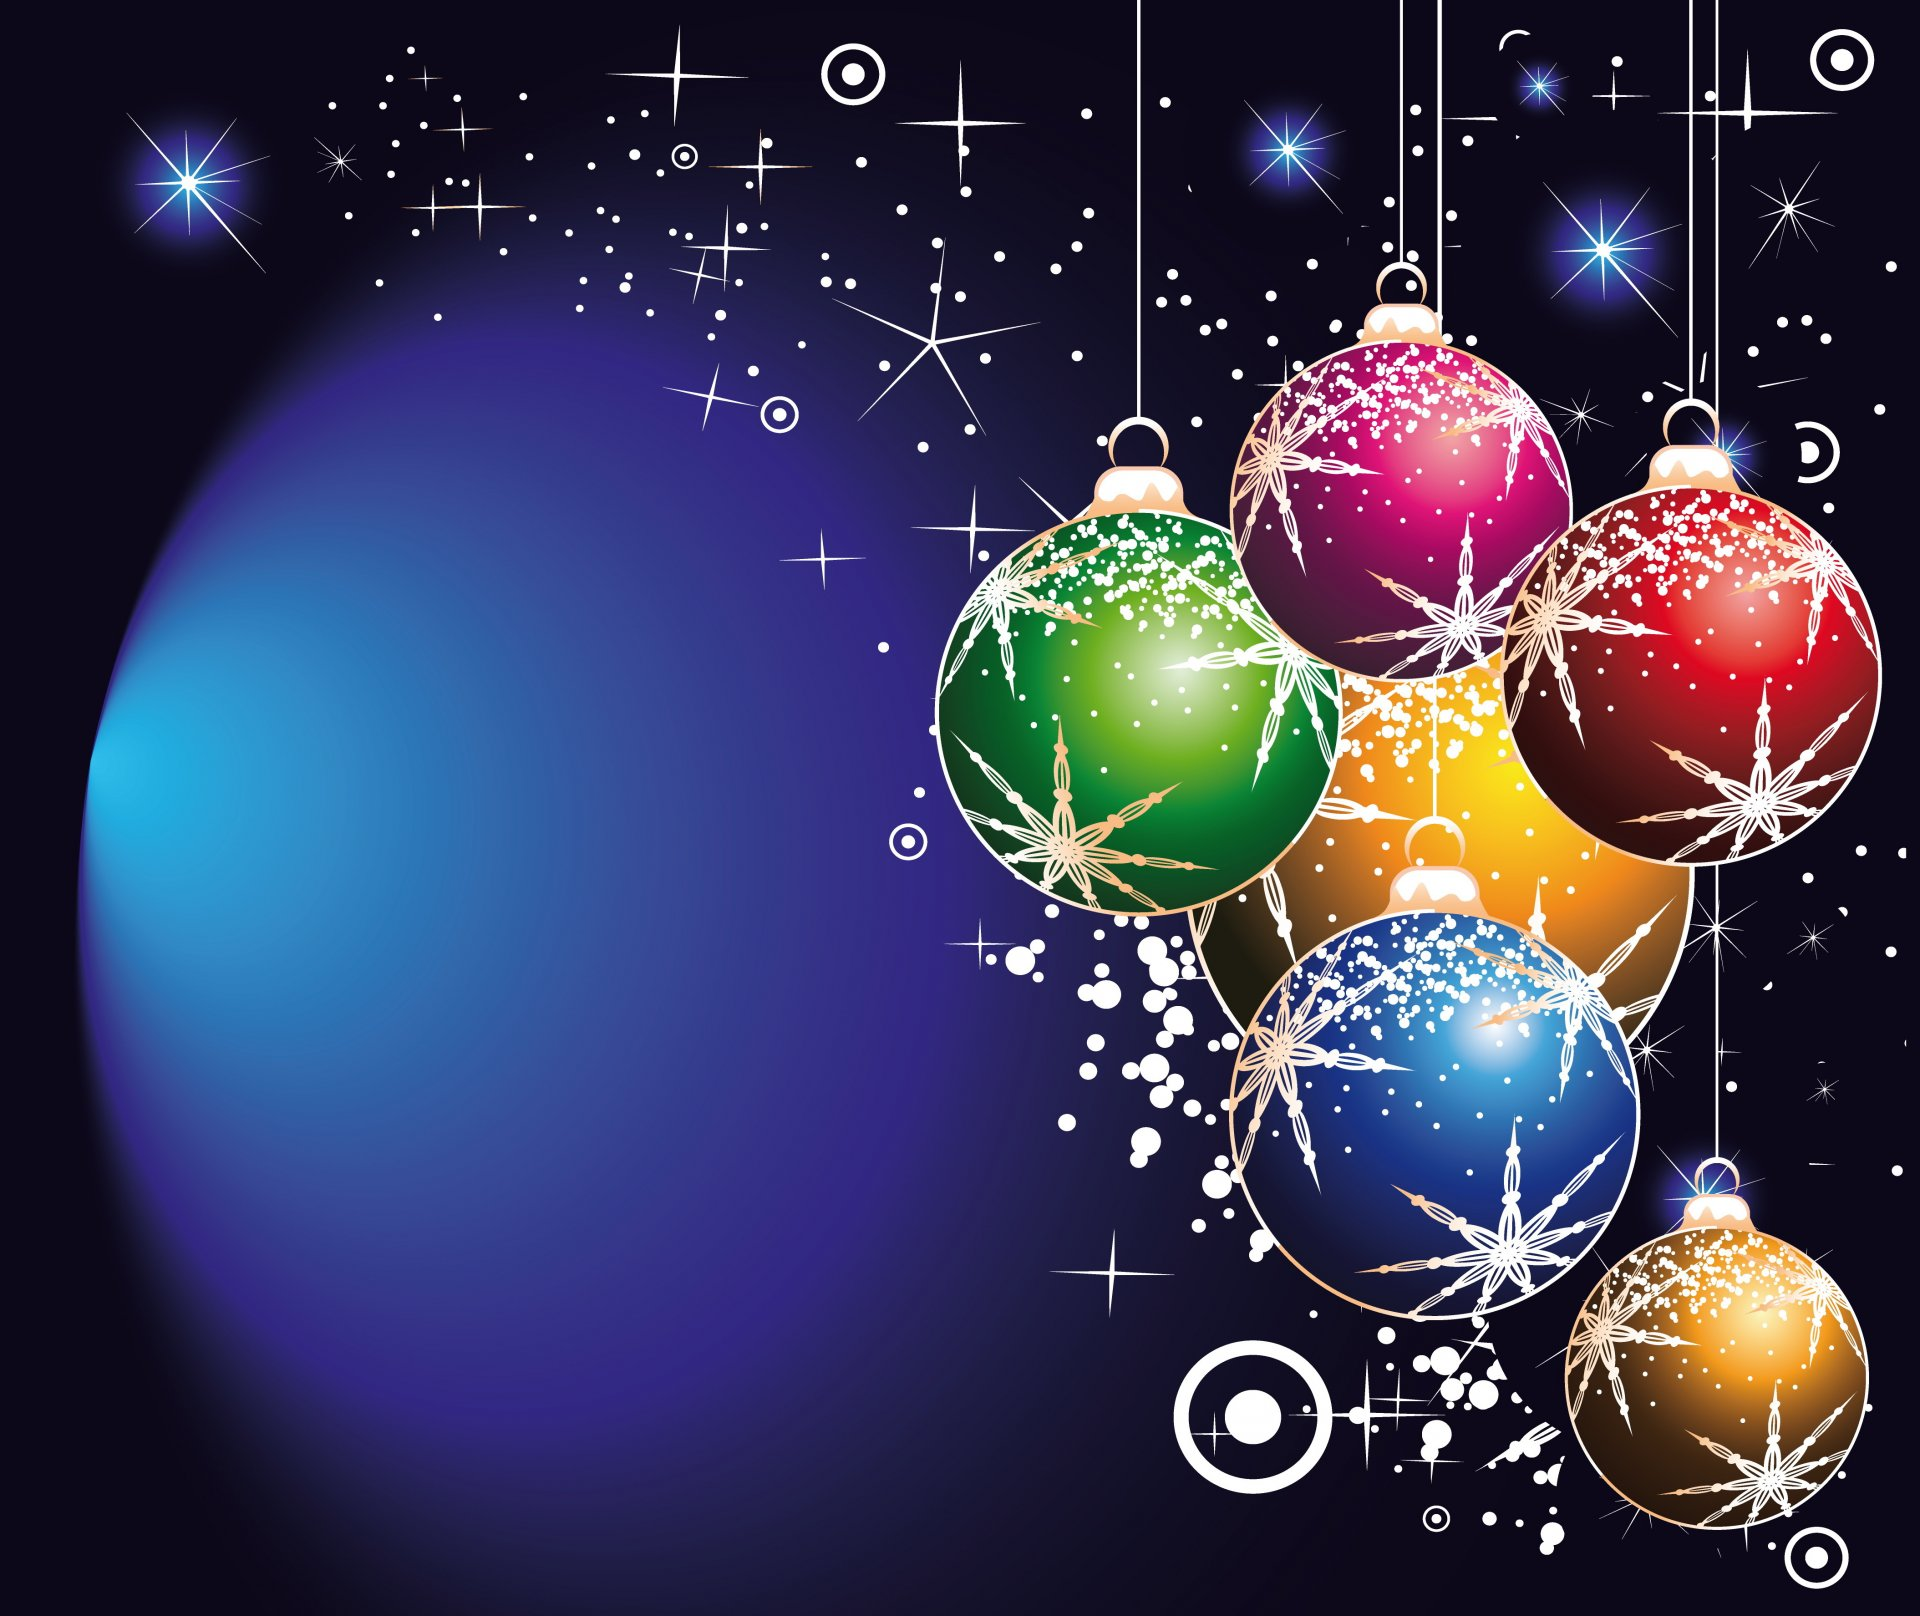 Цветов открыткой, открытки елка шары